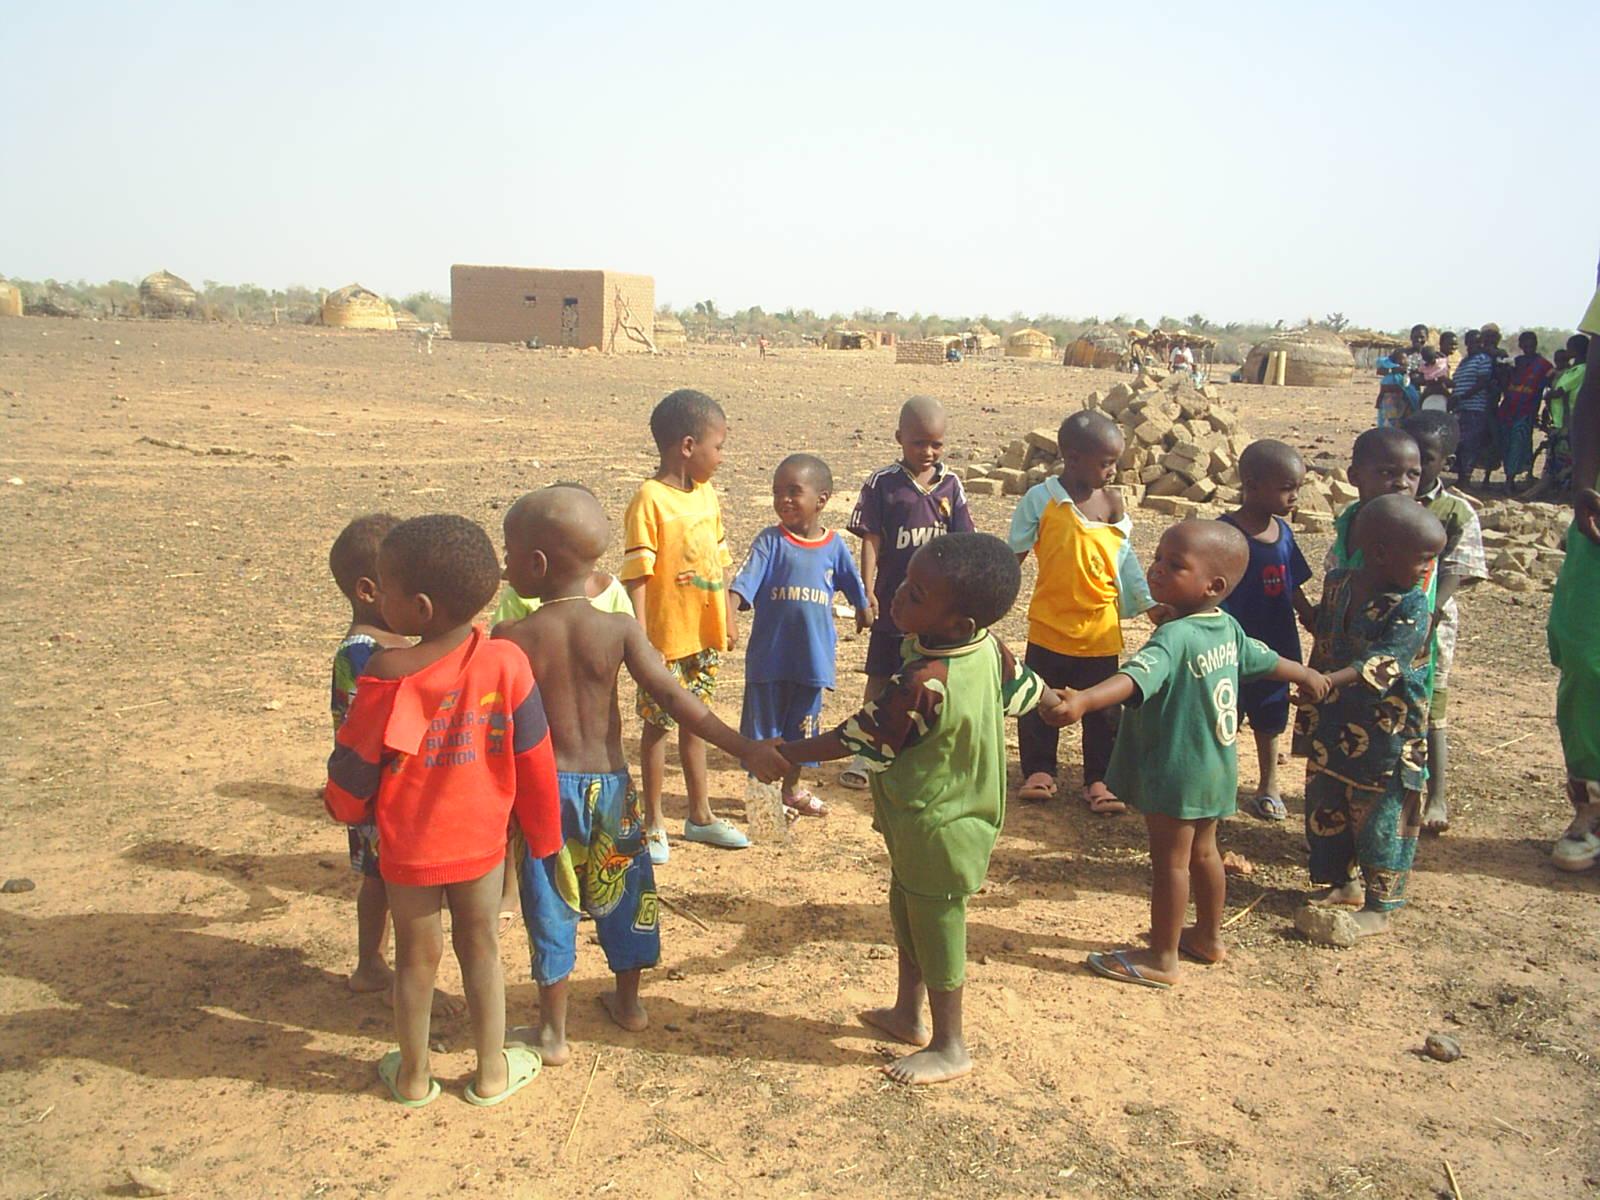 PROJETO BURKINA FASO: Projeto Burkina Faso Tribo de Curfaye Povo  #AE541D 1600 1200